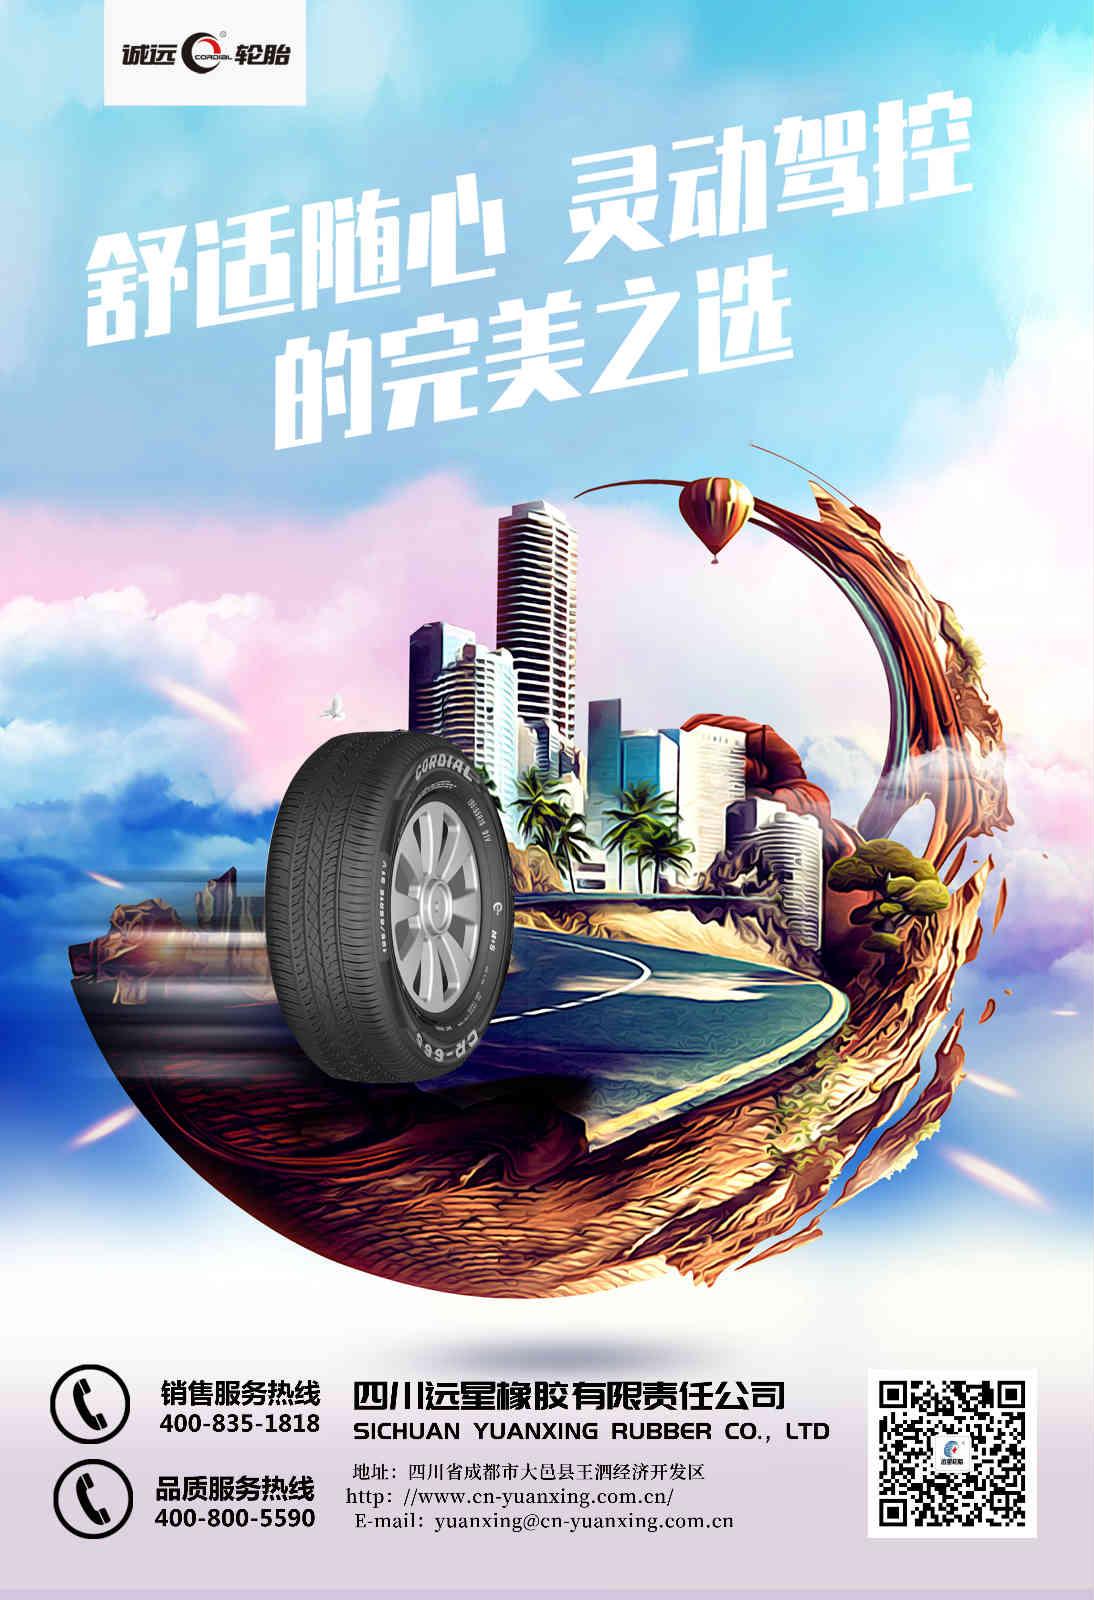 农工胎供货商-销量好的轮胎在哪能买到